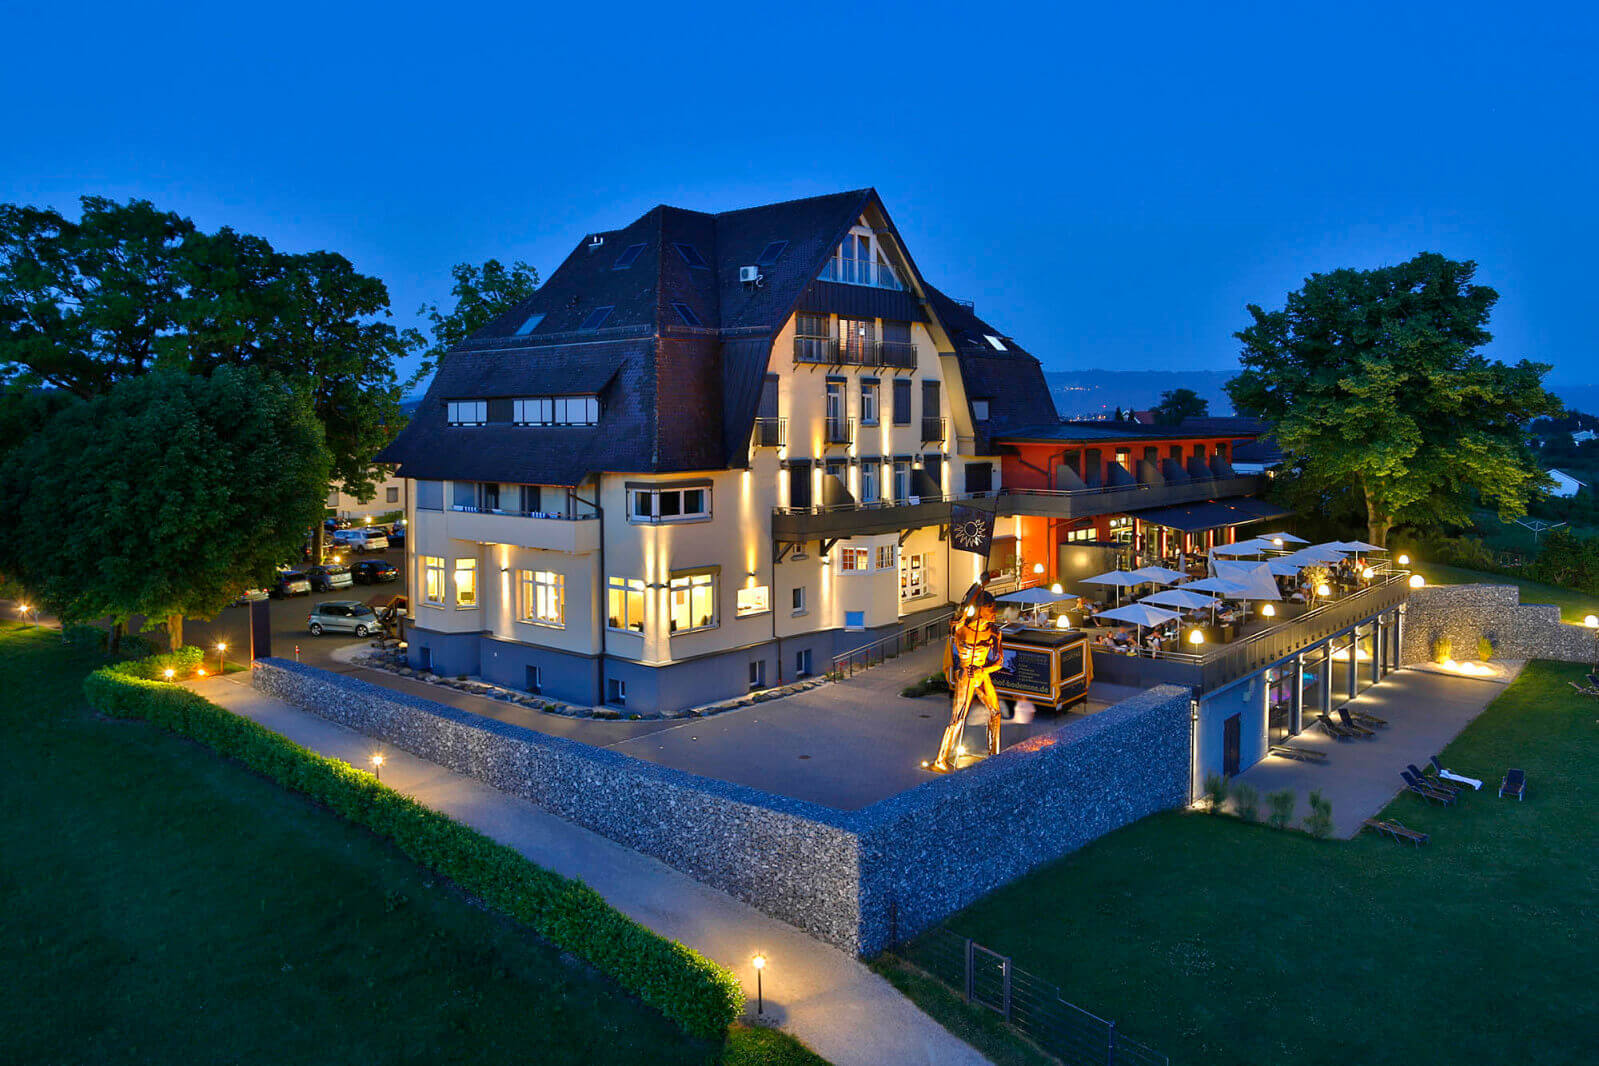 Bodensee-Hotel Sonnenhof in Kressbronn zwischen Lindau und Friedrichshafen am Bodensee